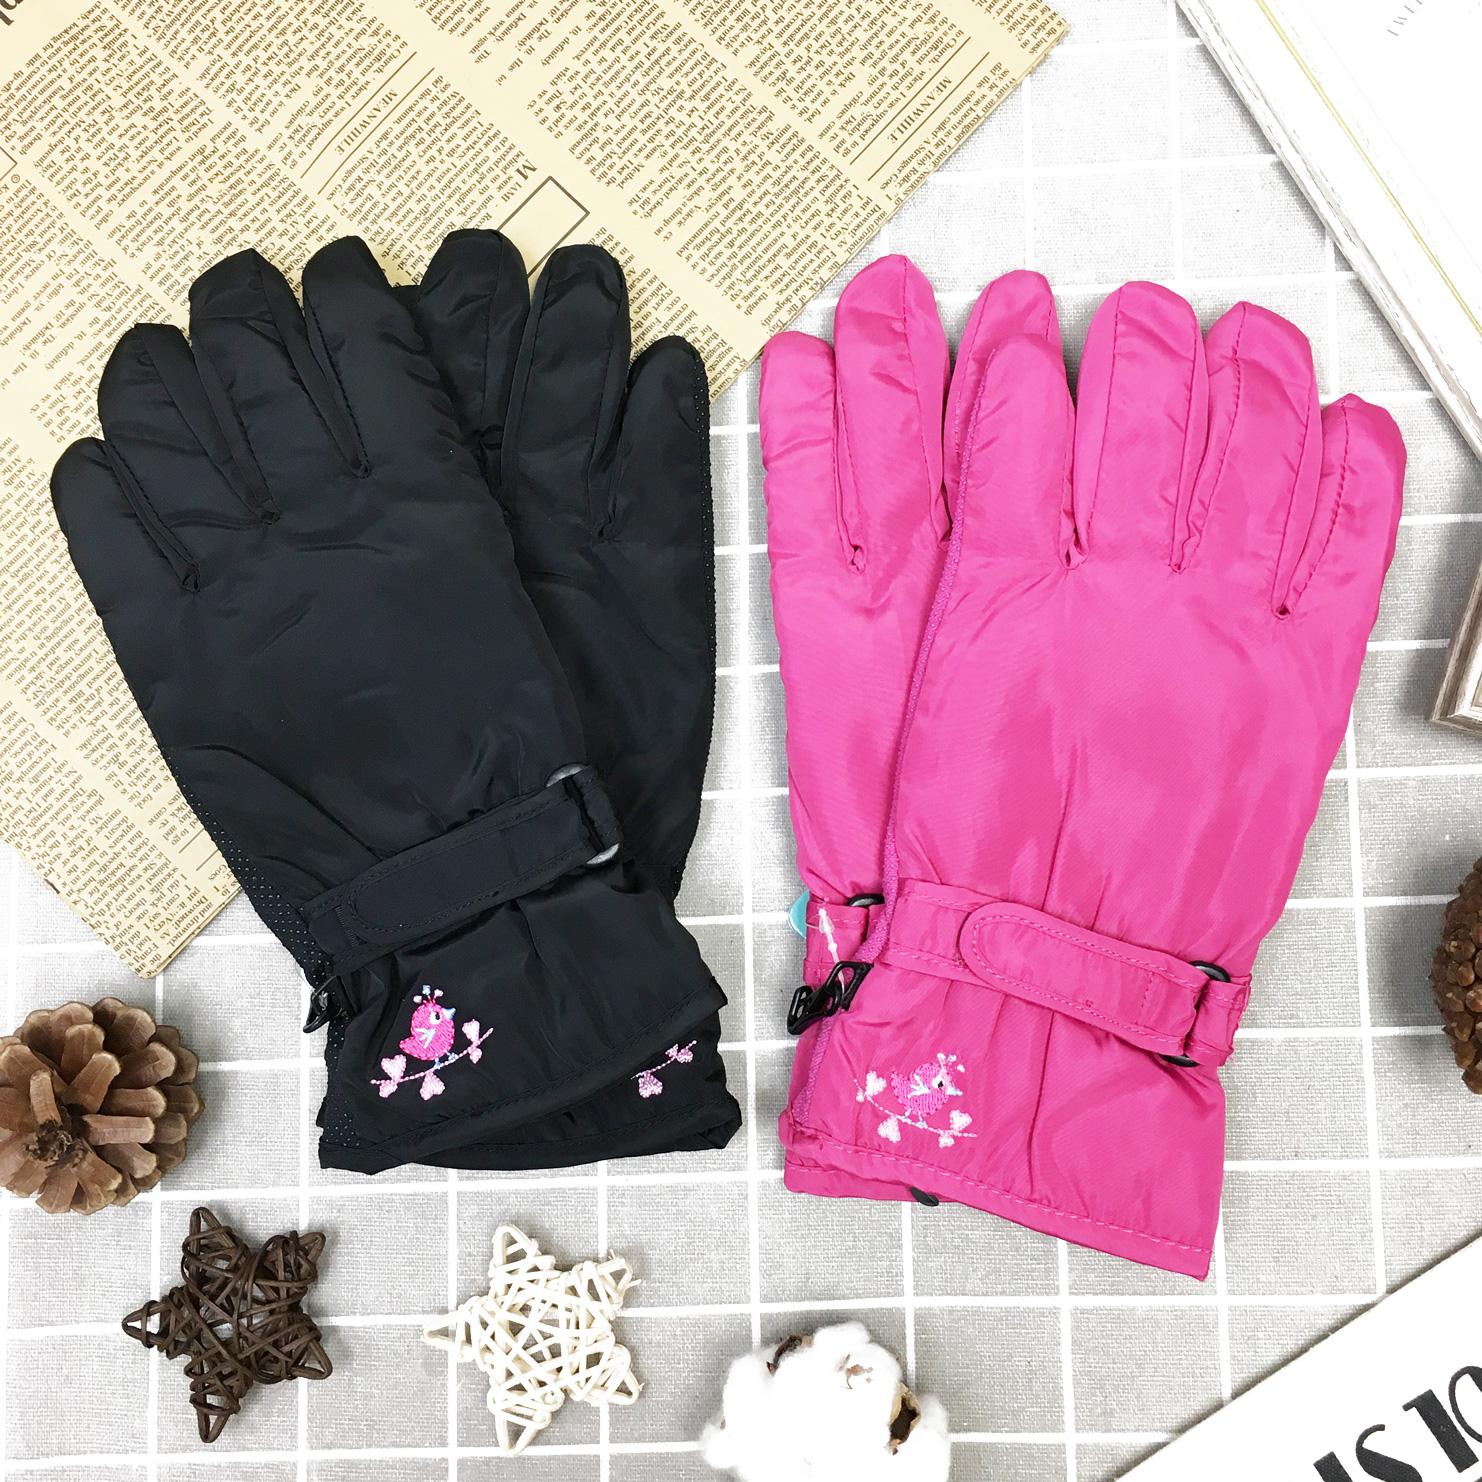 觸控手套 防風 防水 小鳥刺繡 內刷毛 保暖 防滑 2色 手套